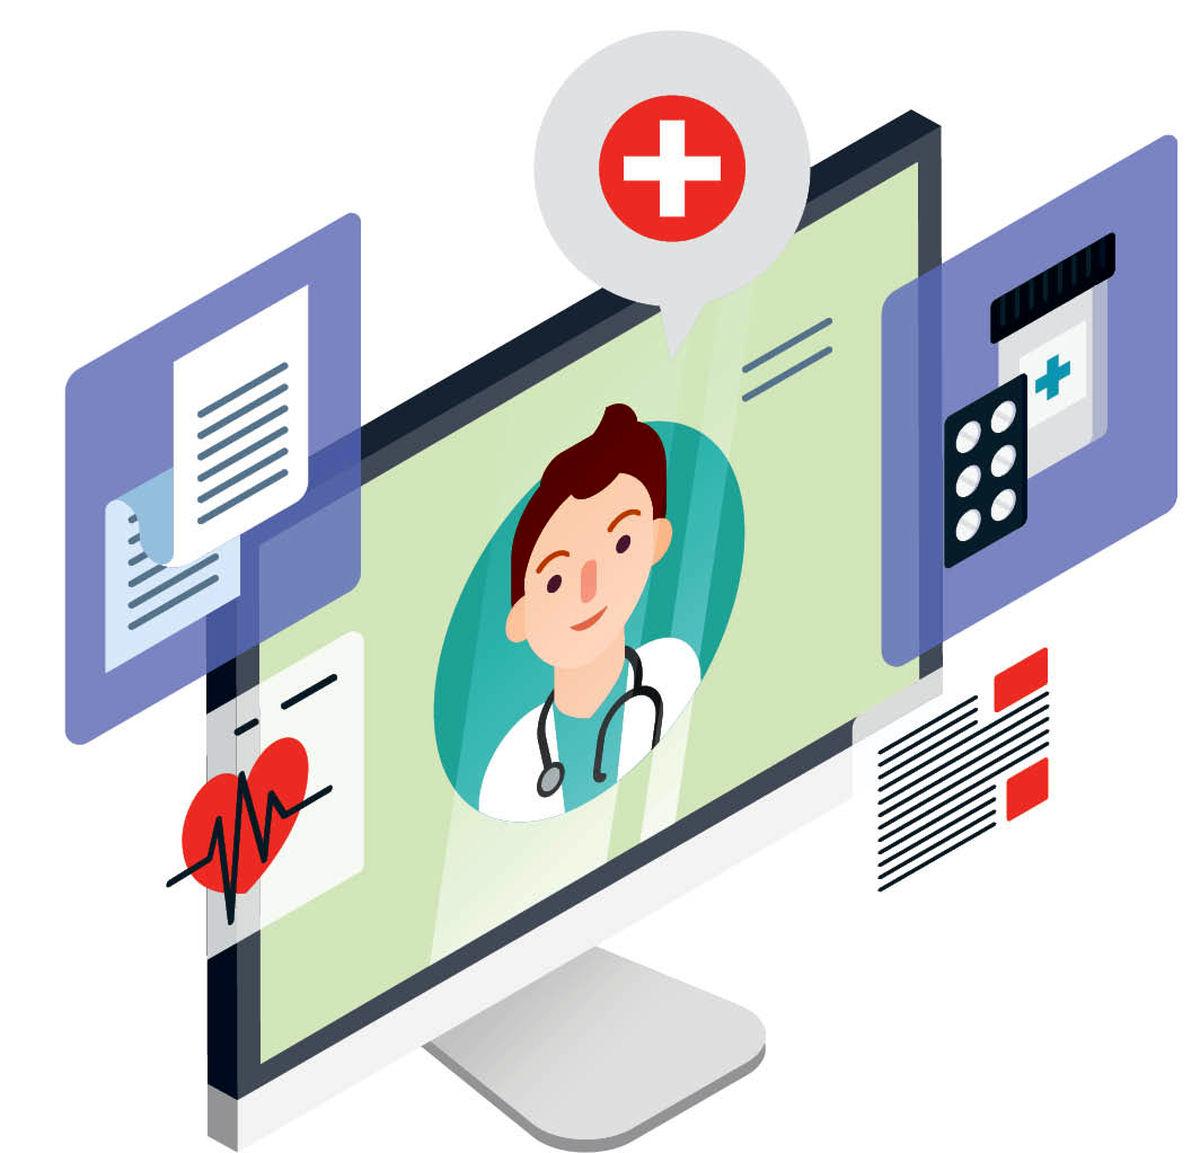 رشد ۱۲برابری استارتآپهای پزشکی در دوران کرونا